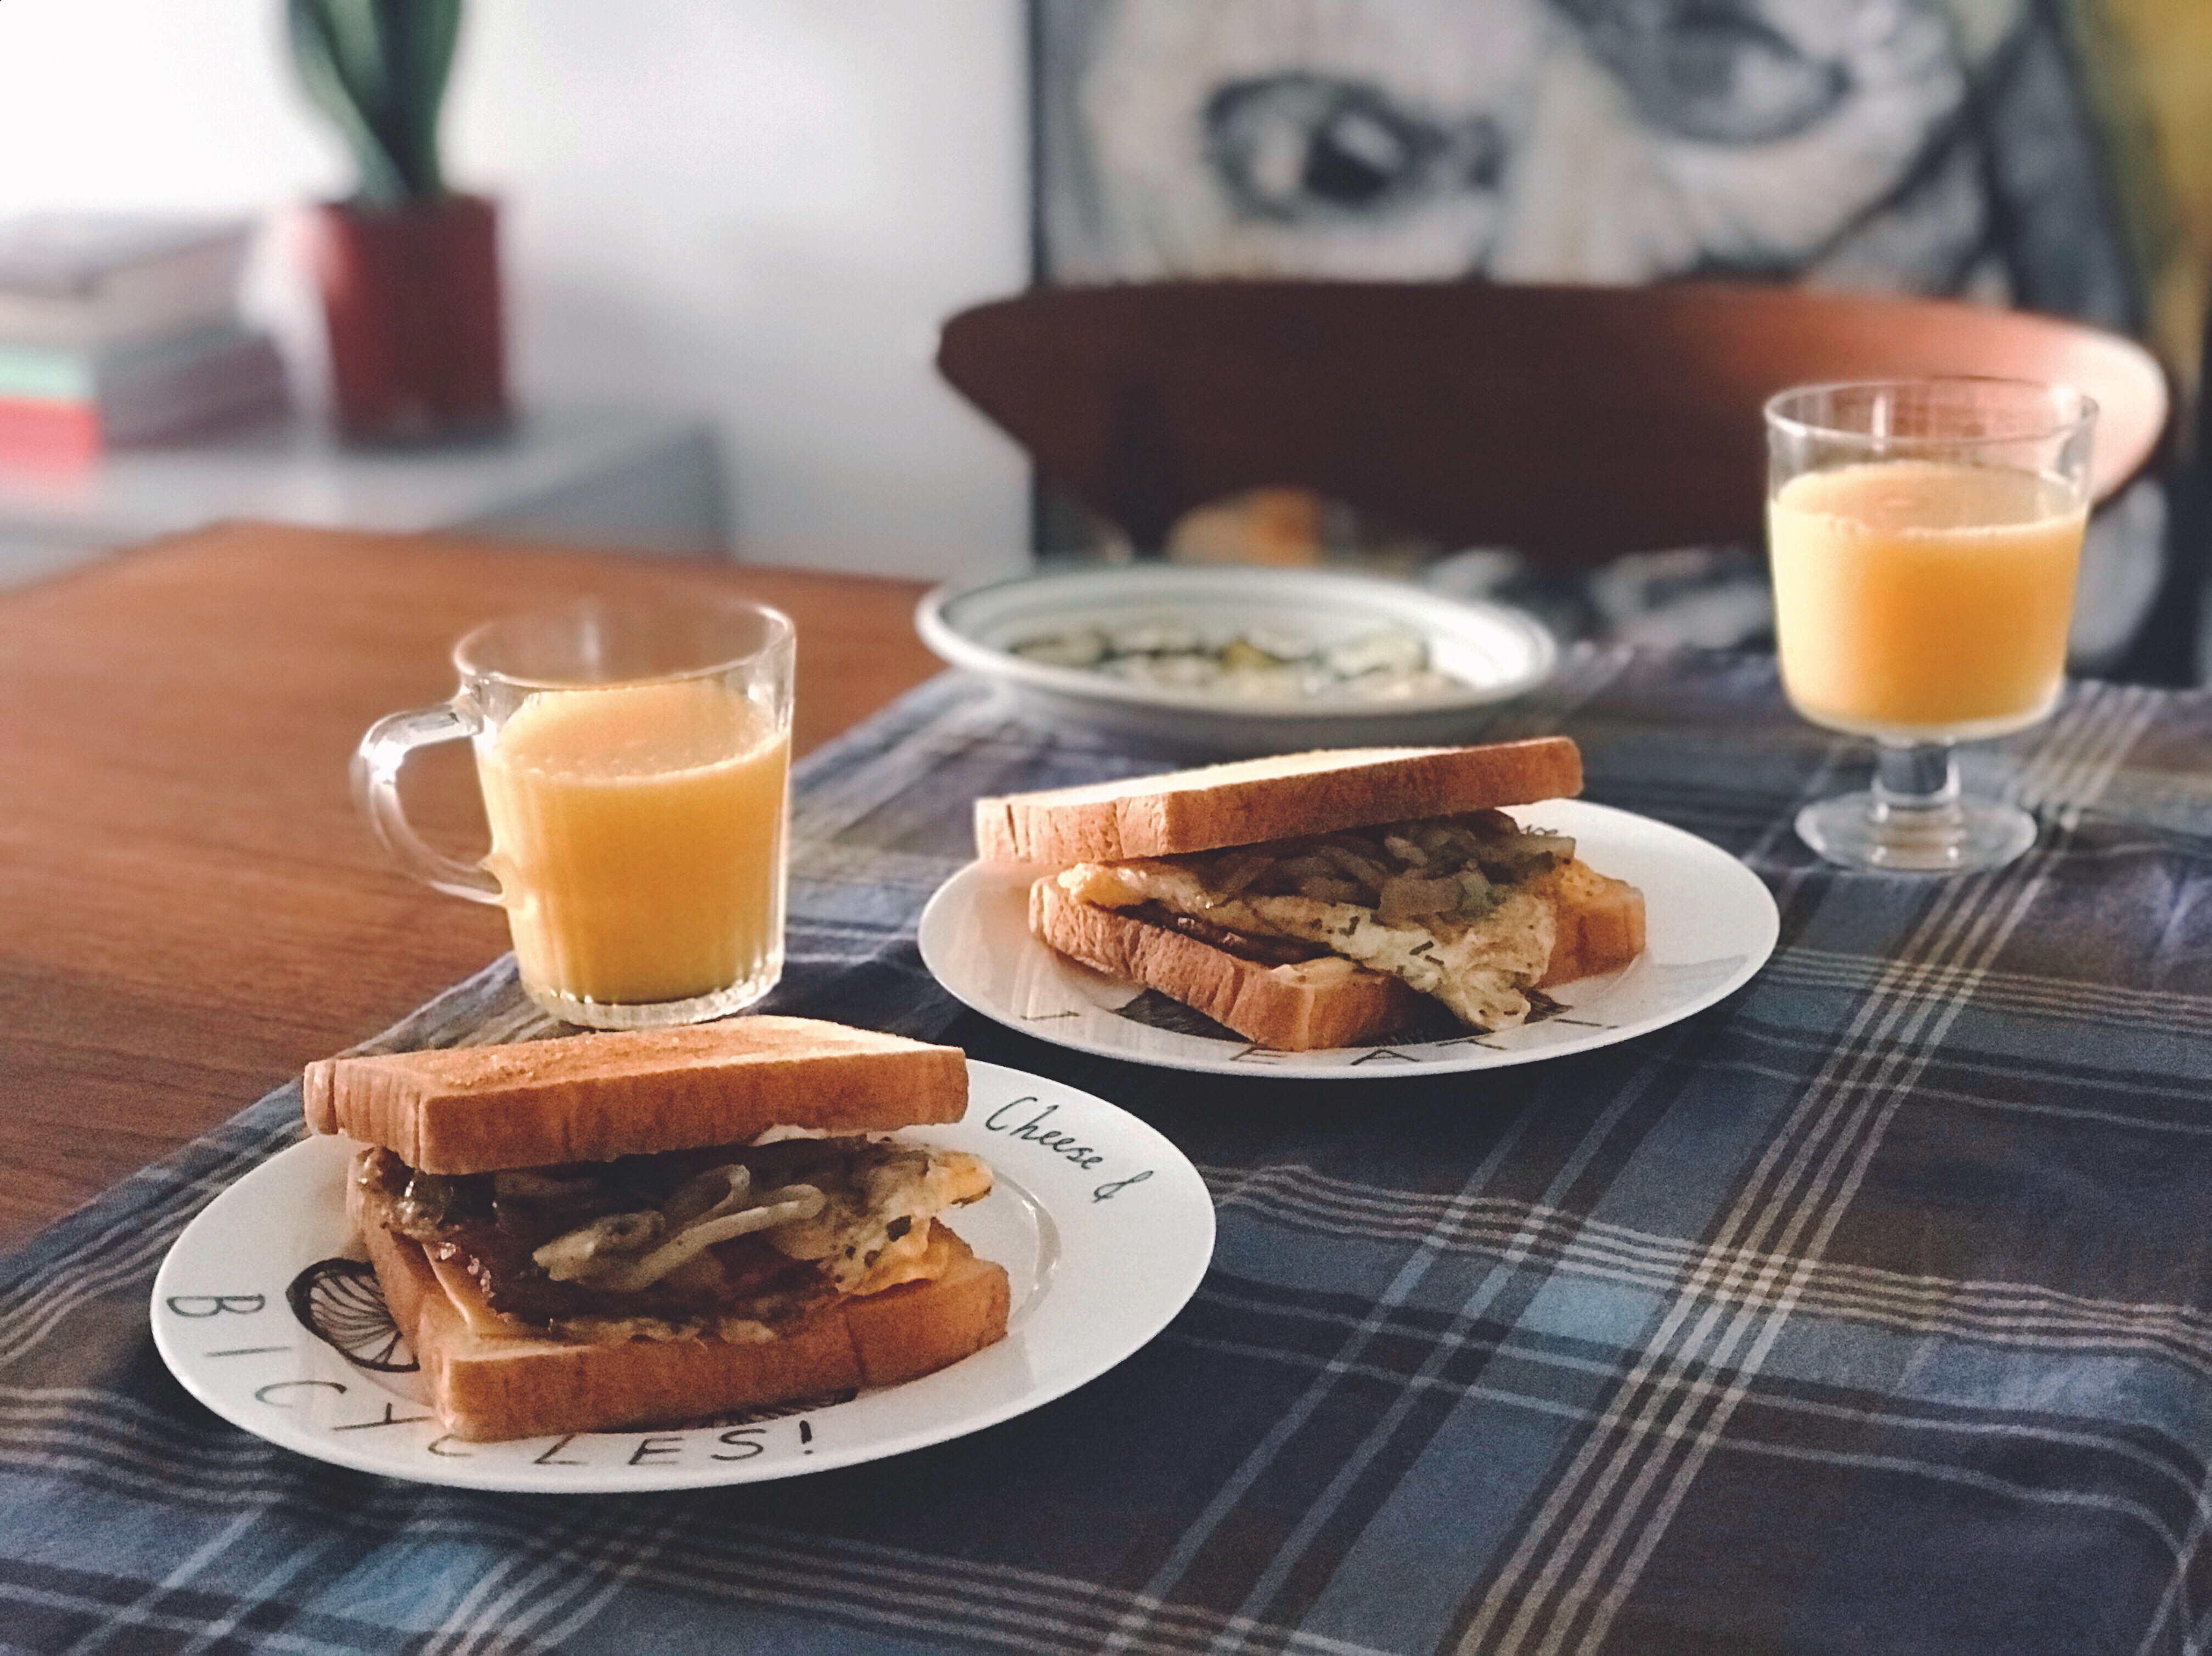 週末大早餐(厚培根蛋三明治